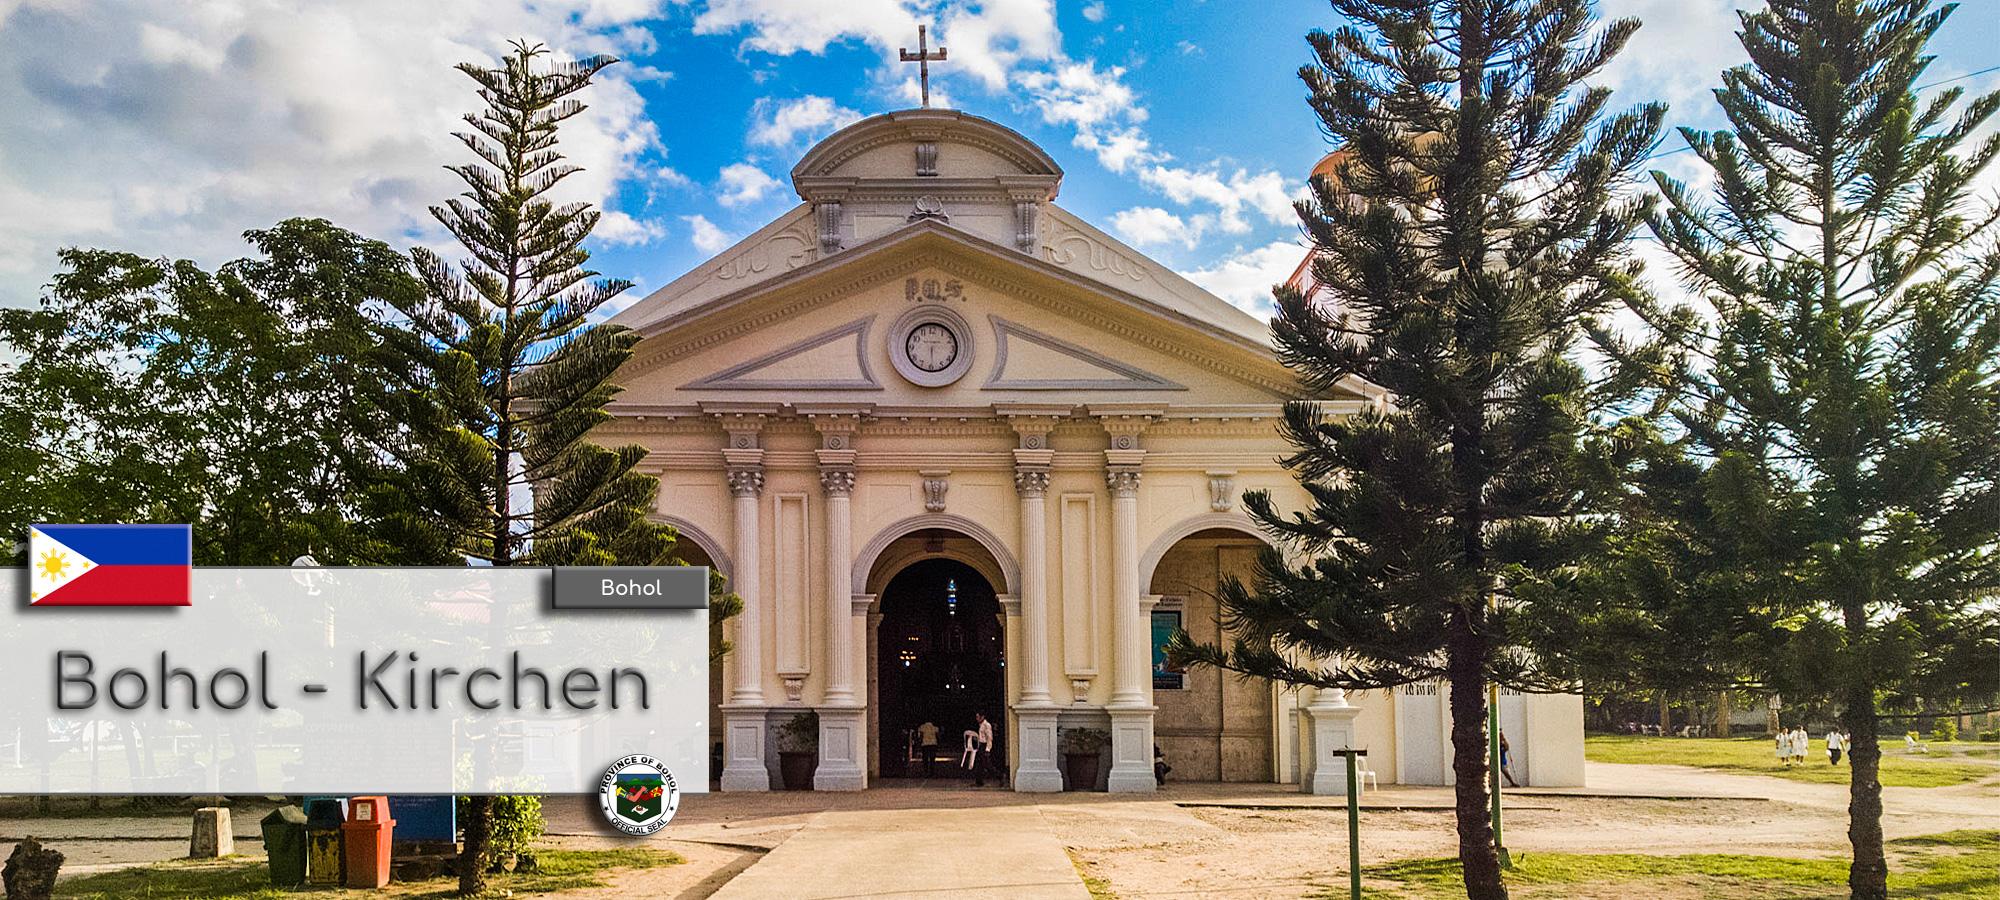 Bohol - Kirchen